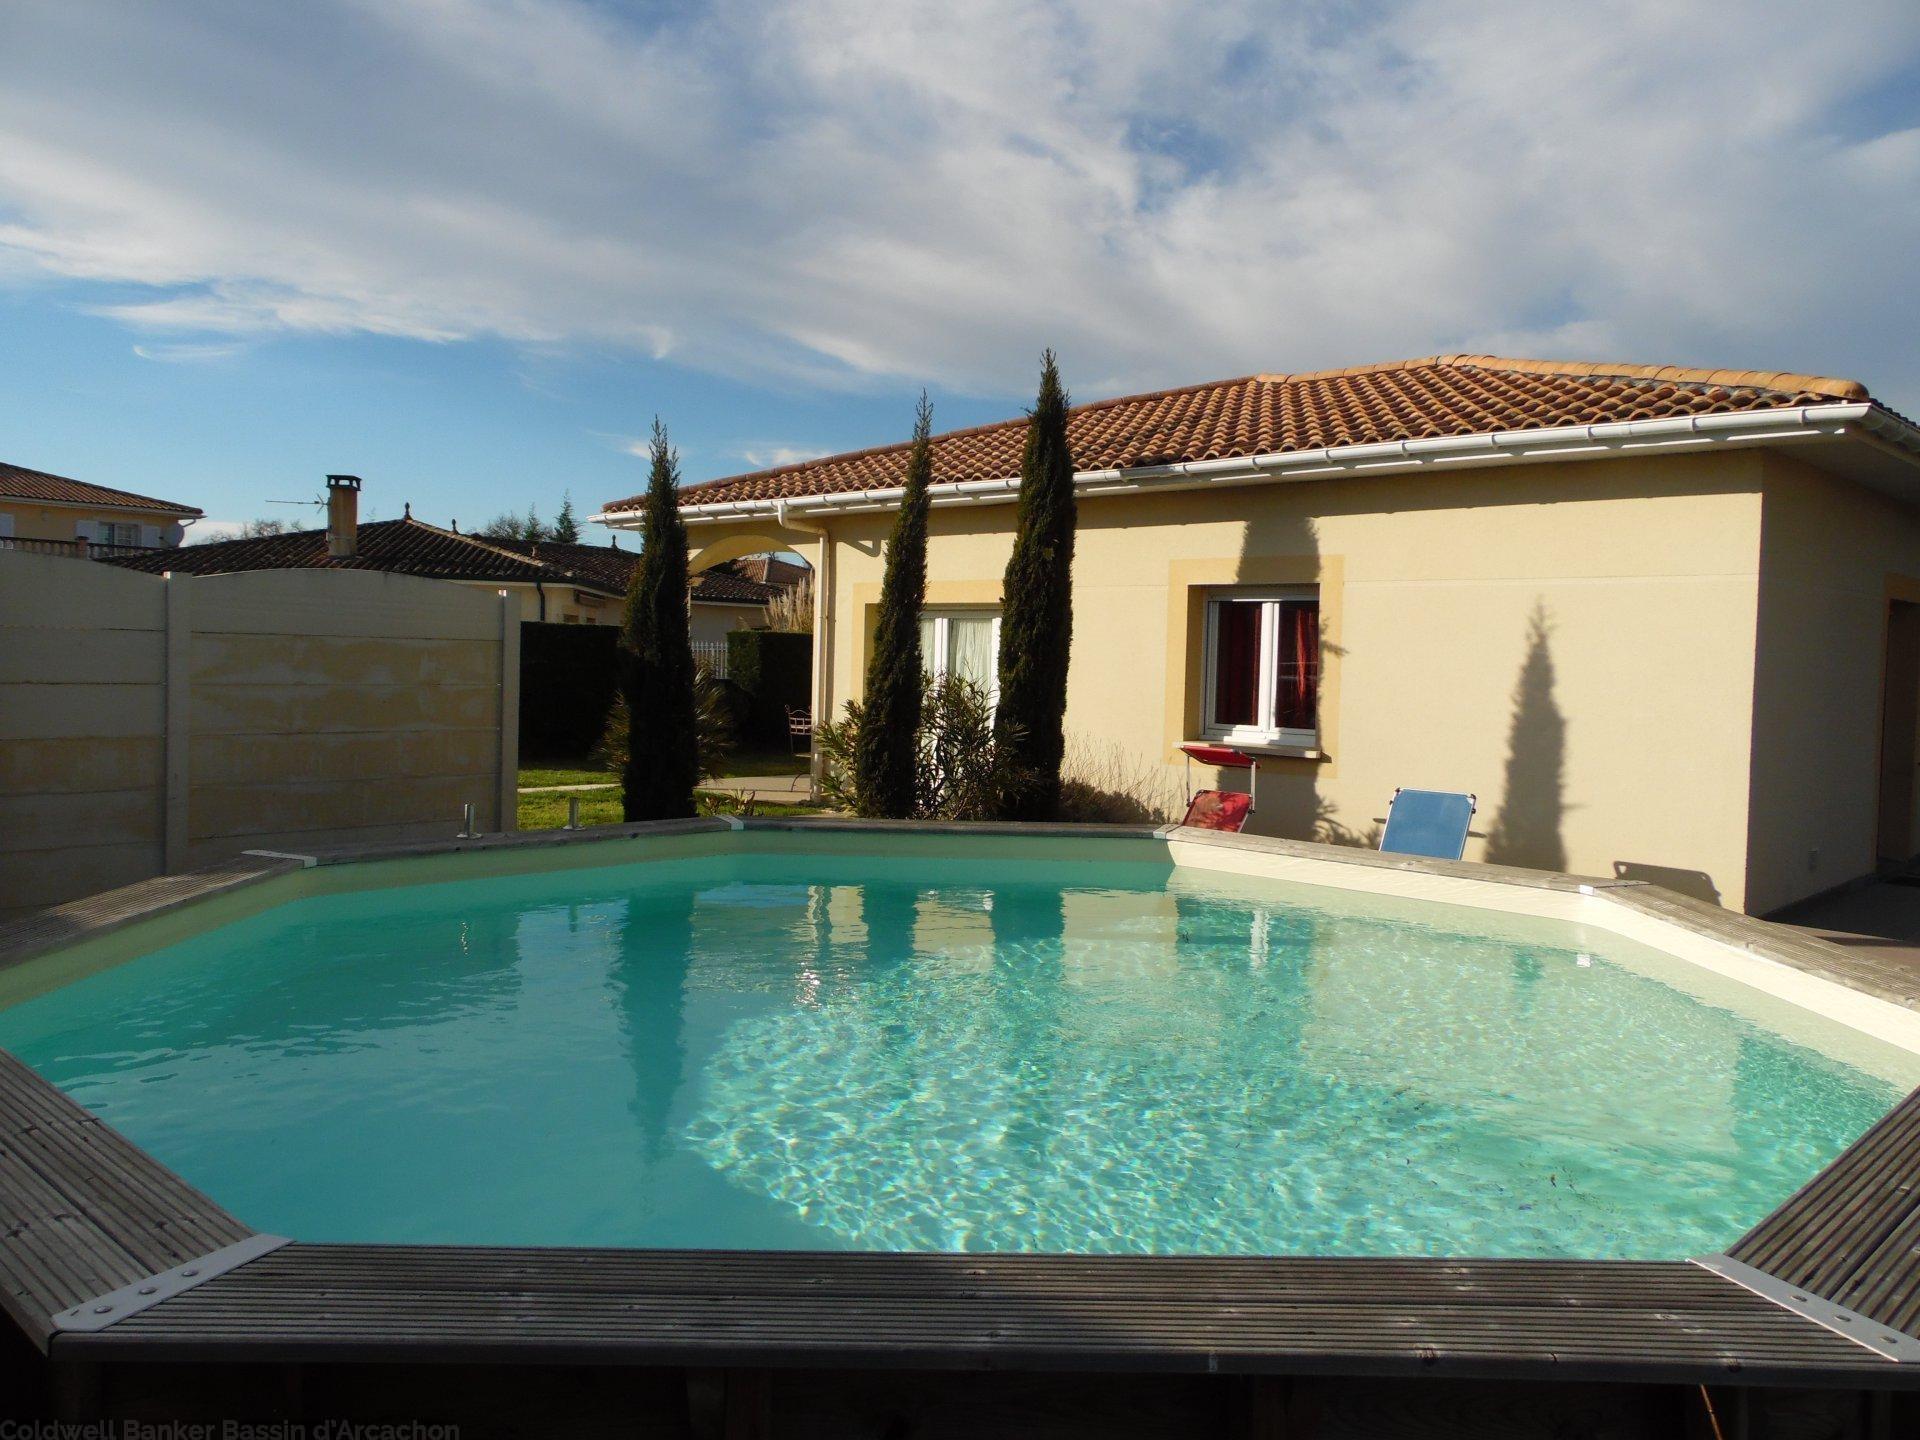 Vente villa contemporaine avec piscine proche commodit s for Piscine lormont